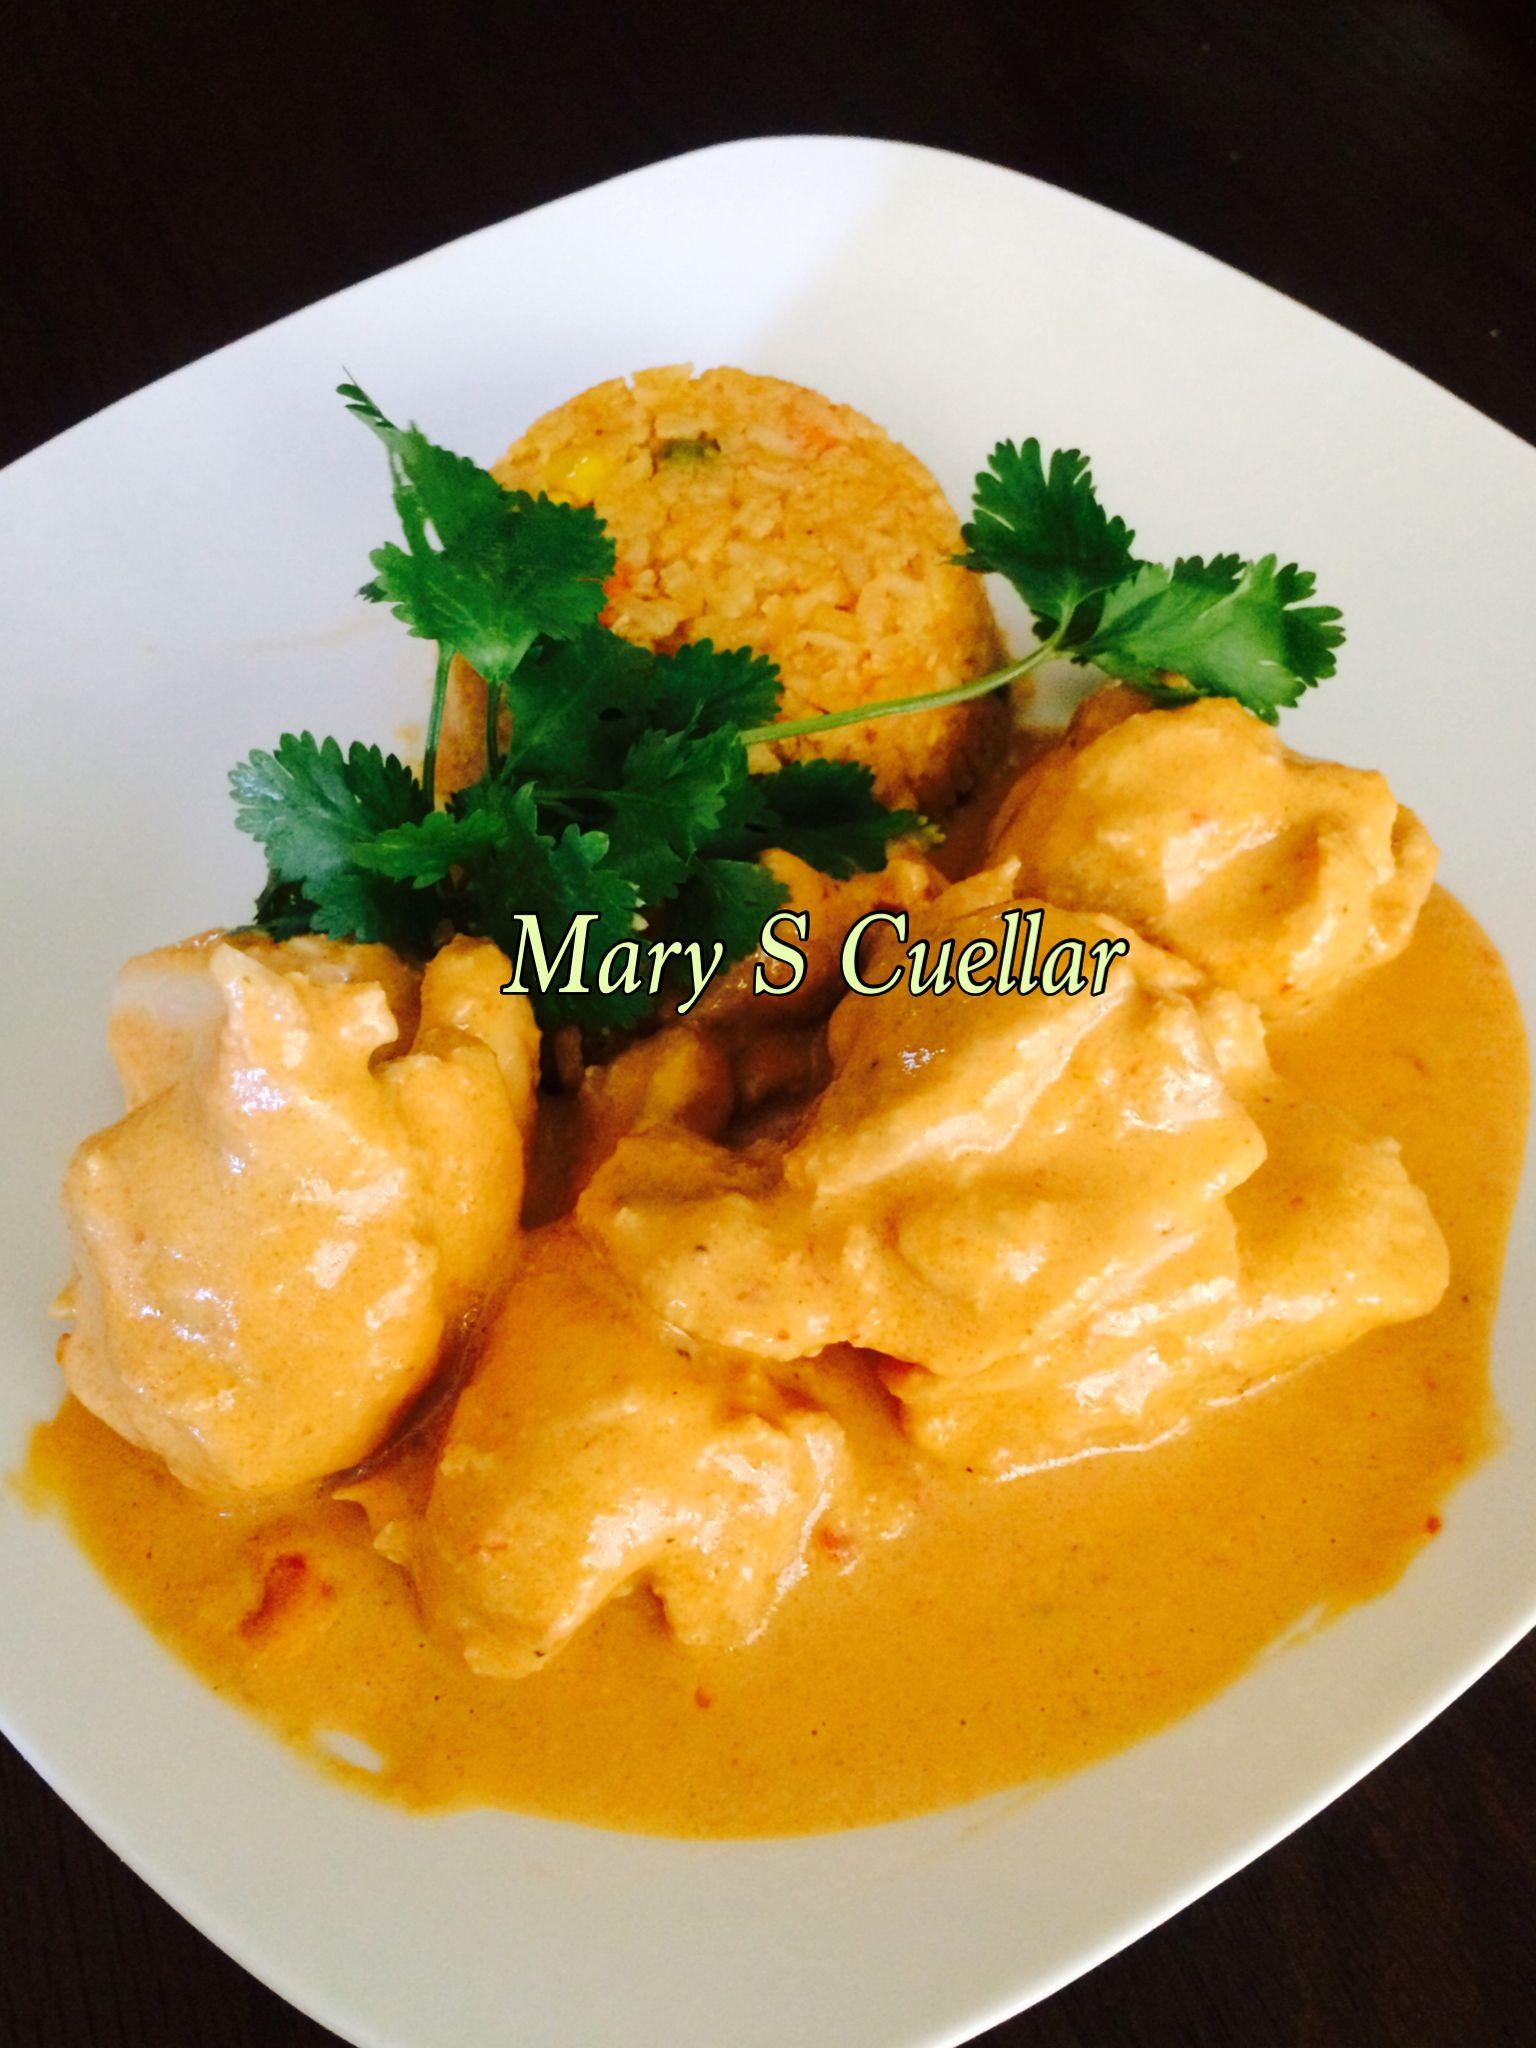 Pechugas De Pollo Ala Crema Con Chipotle Receta Mary S Cuellar Comparte La Receta En Tu Muro Ingredientes Mexican Food Recipes Cooking Recipes Food